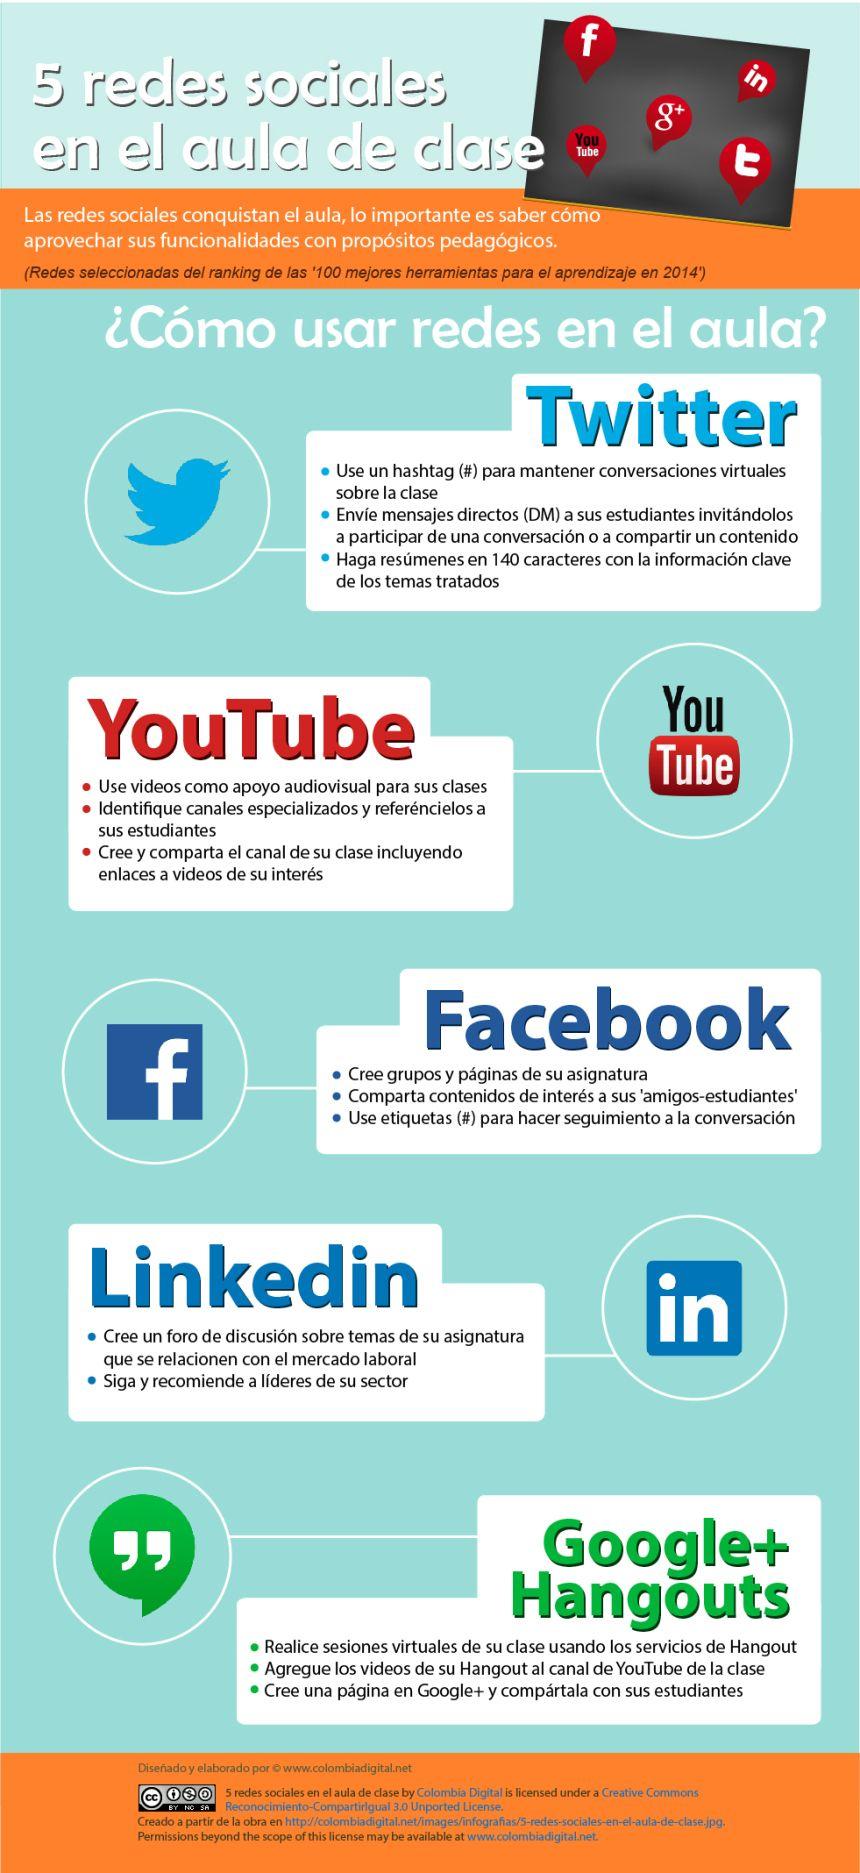 5 Redes Sociales En El Aula Tecnologias De La Informacion Y Comunicacion Socialismo Tecnología Educativa